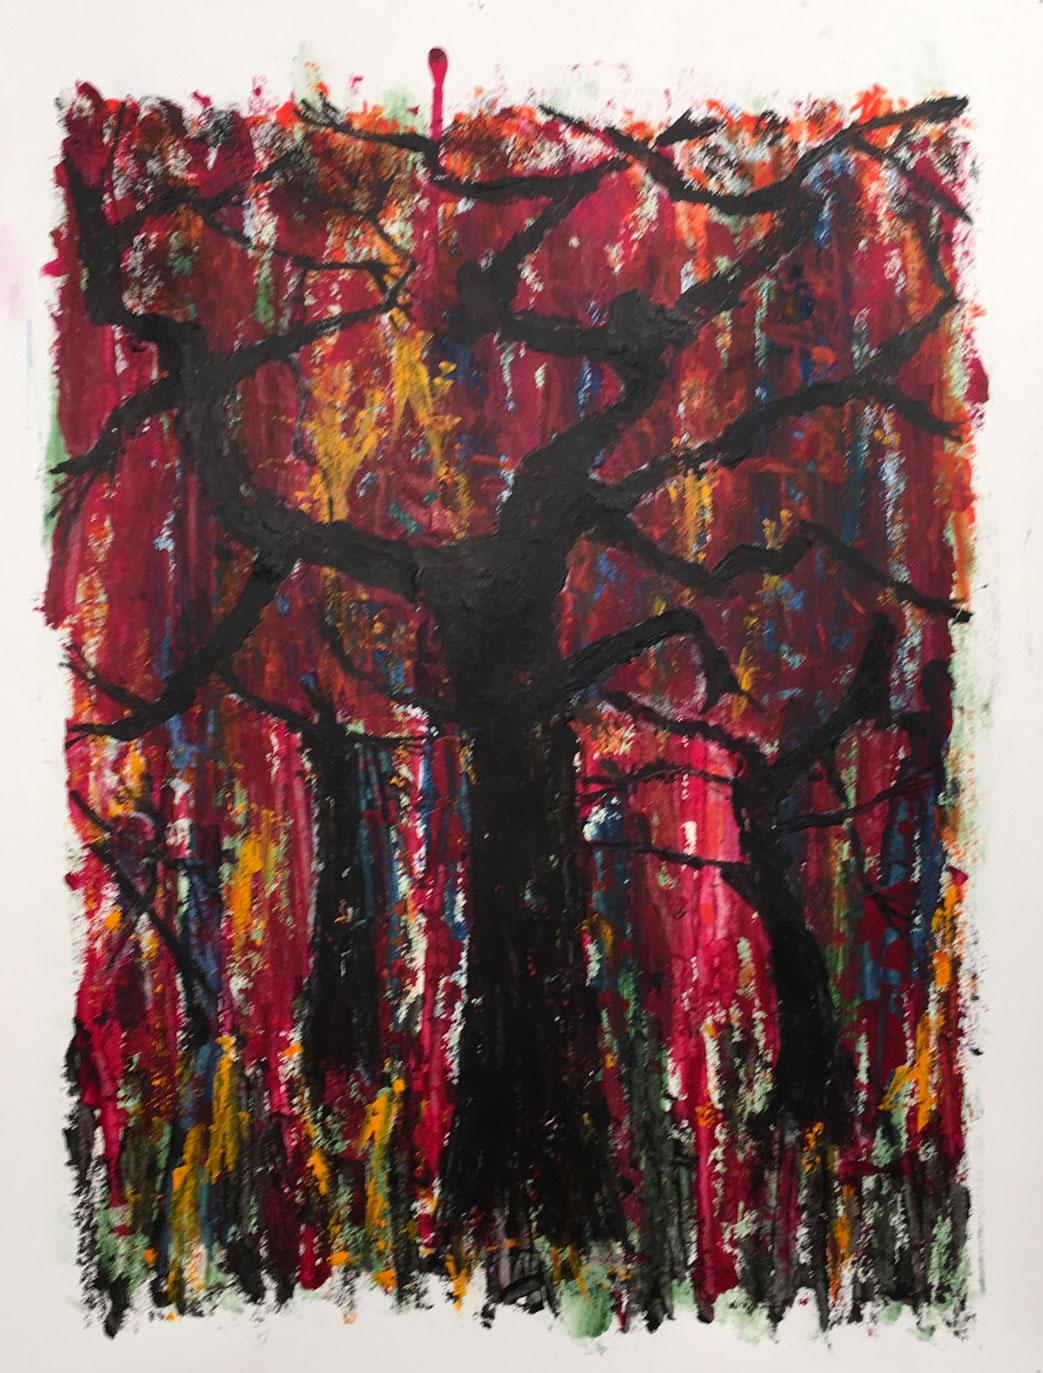 N°3364 - Forêt maléfique - Acrylique et pigments sur papier - 65 x 50 cm - 30 juin 2017